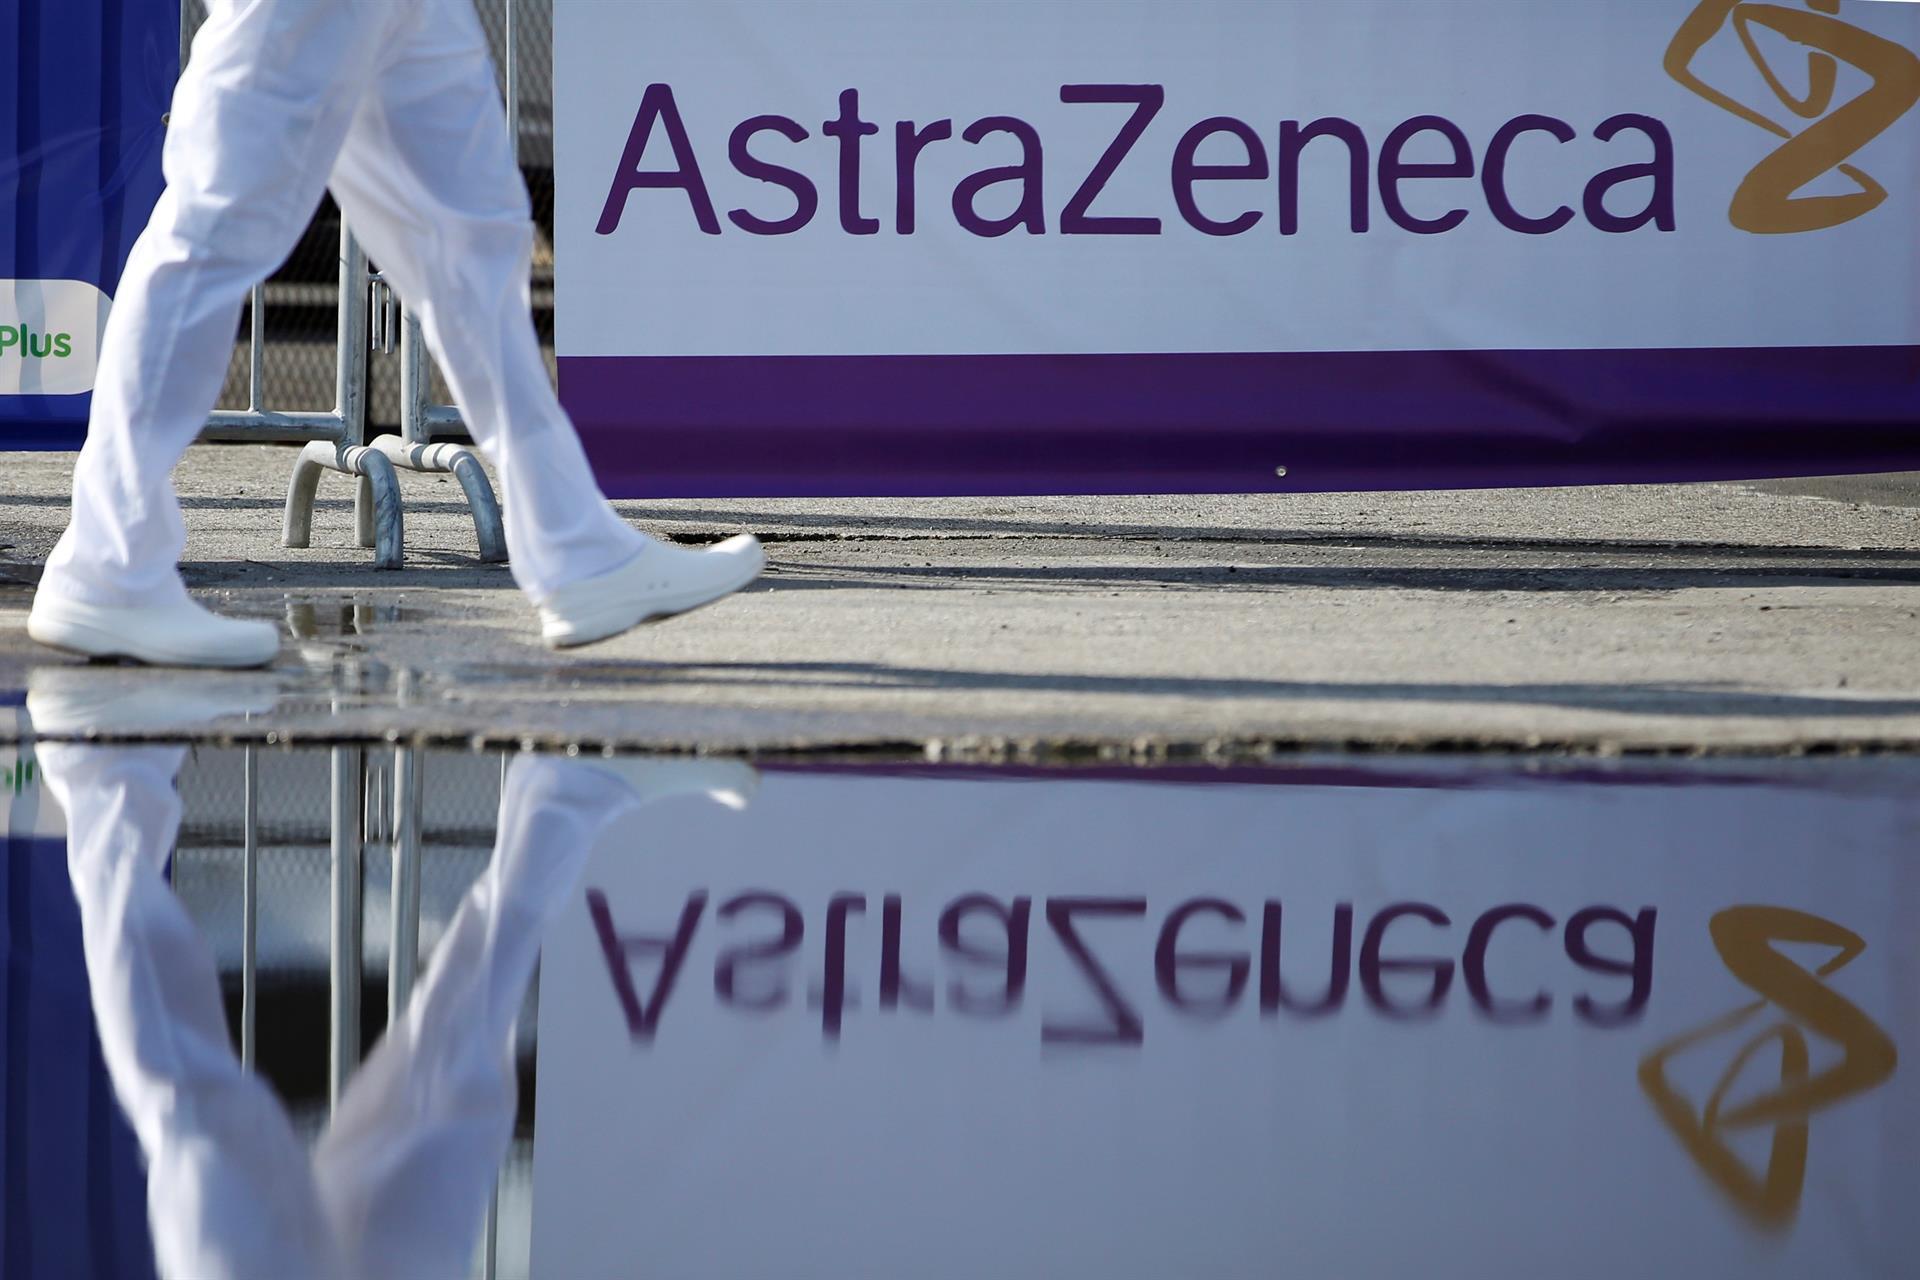 El sueldo del 'jefe' de AstraZeneca provoca una revuelta de accionistas